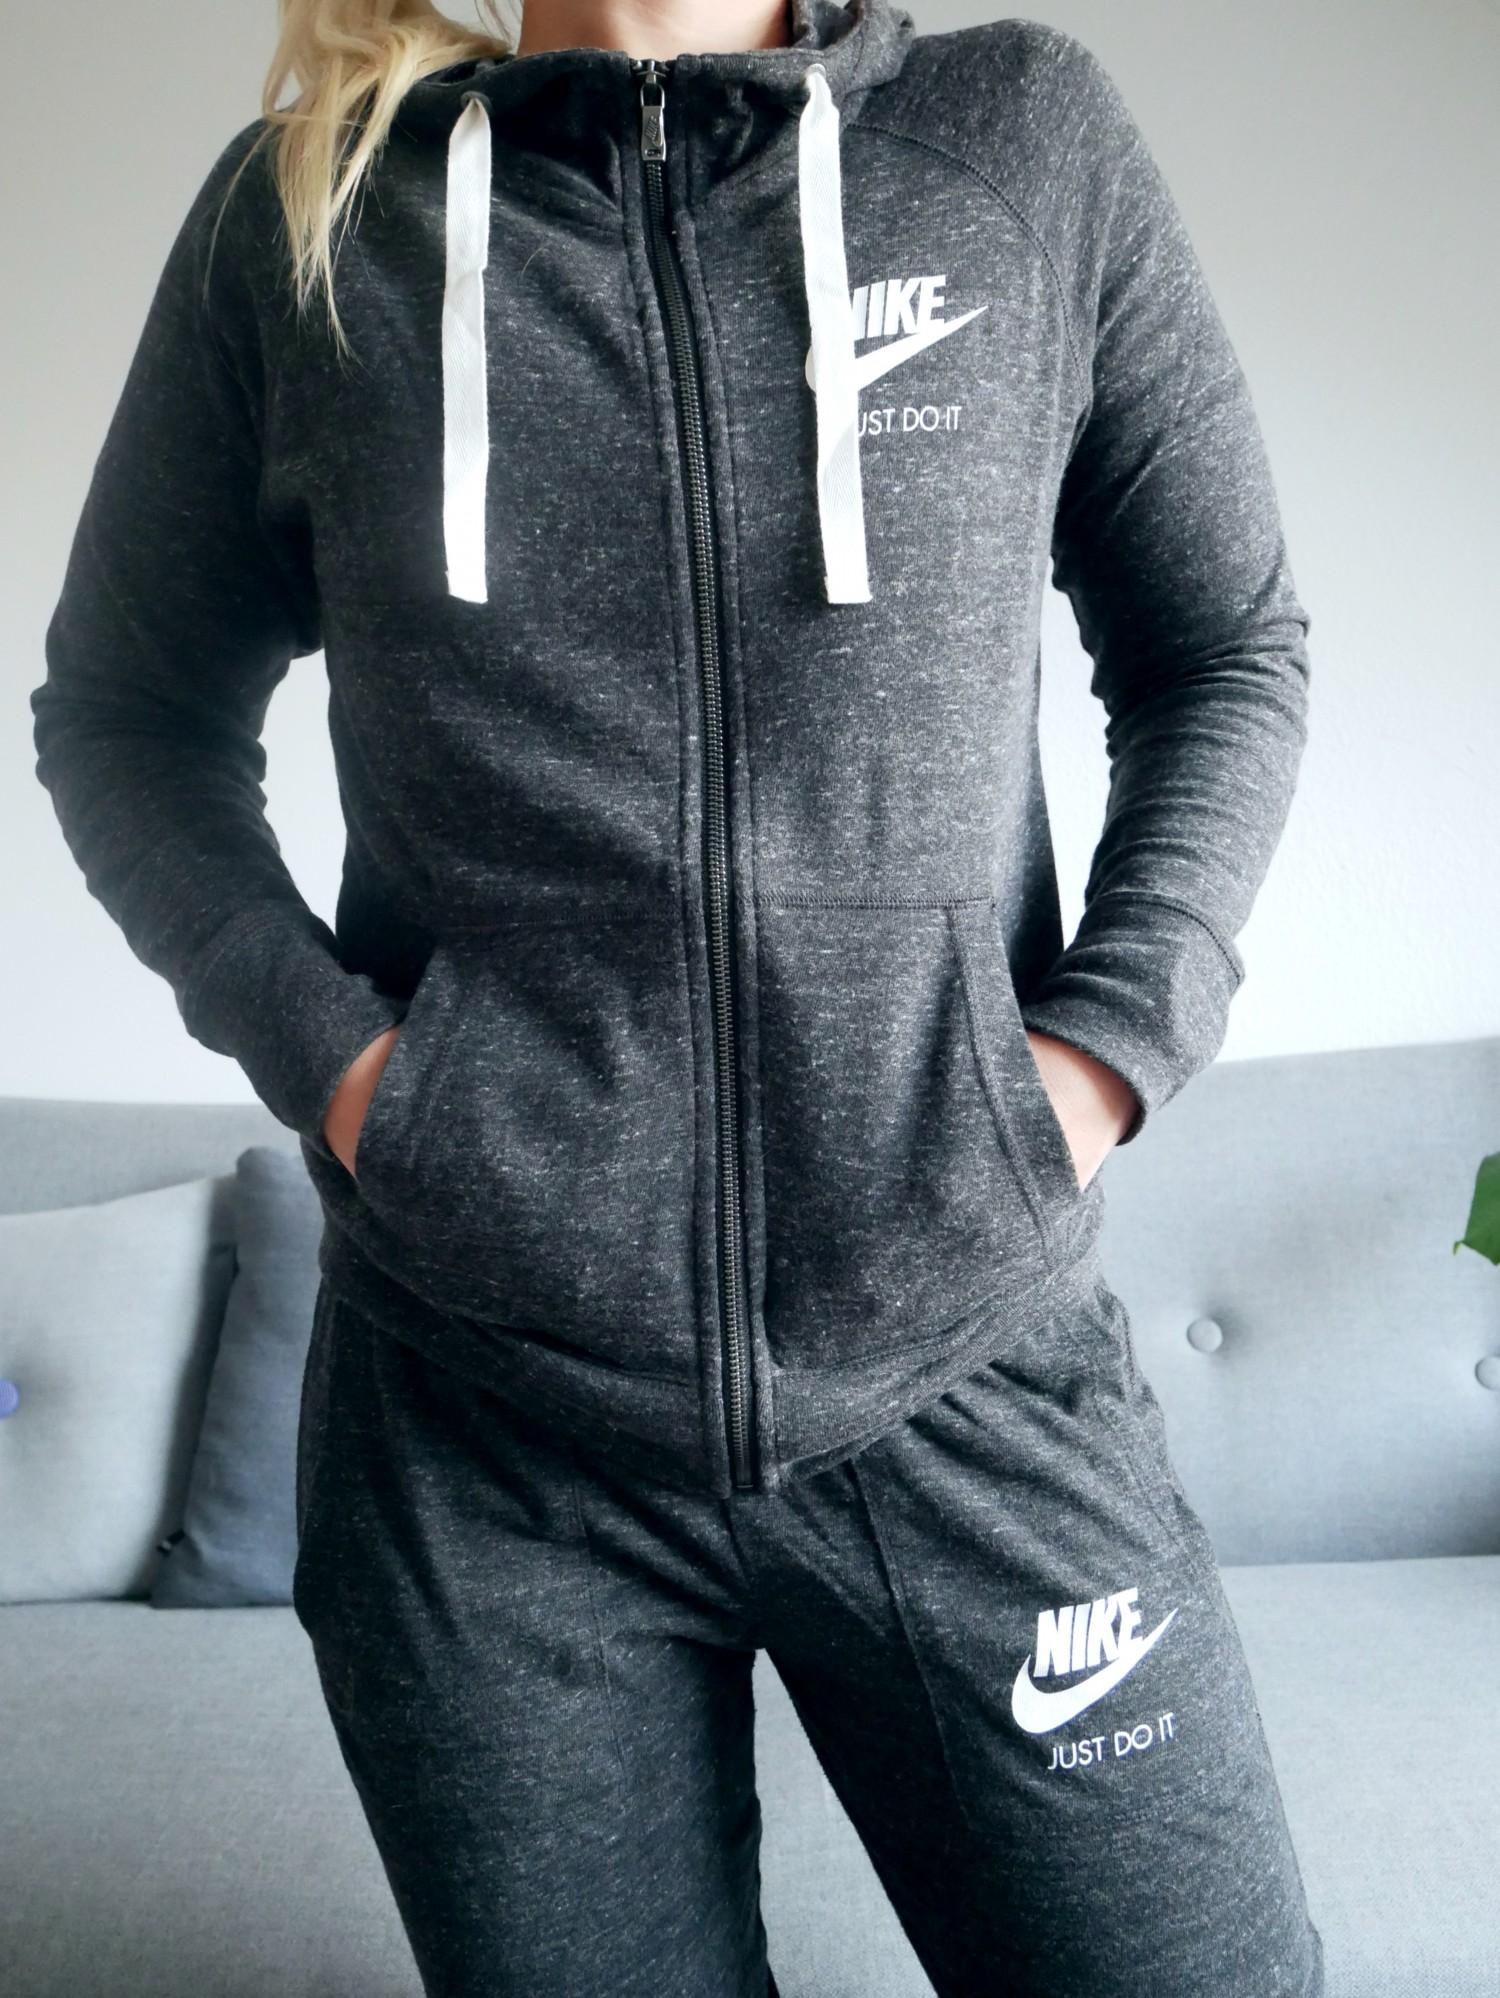 Afholte Det bedste hyggesæt fra Nike - MayaDroem ML-57